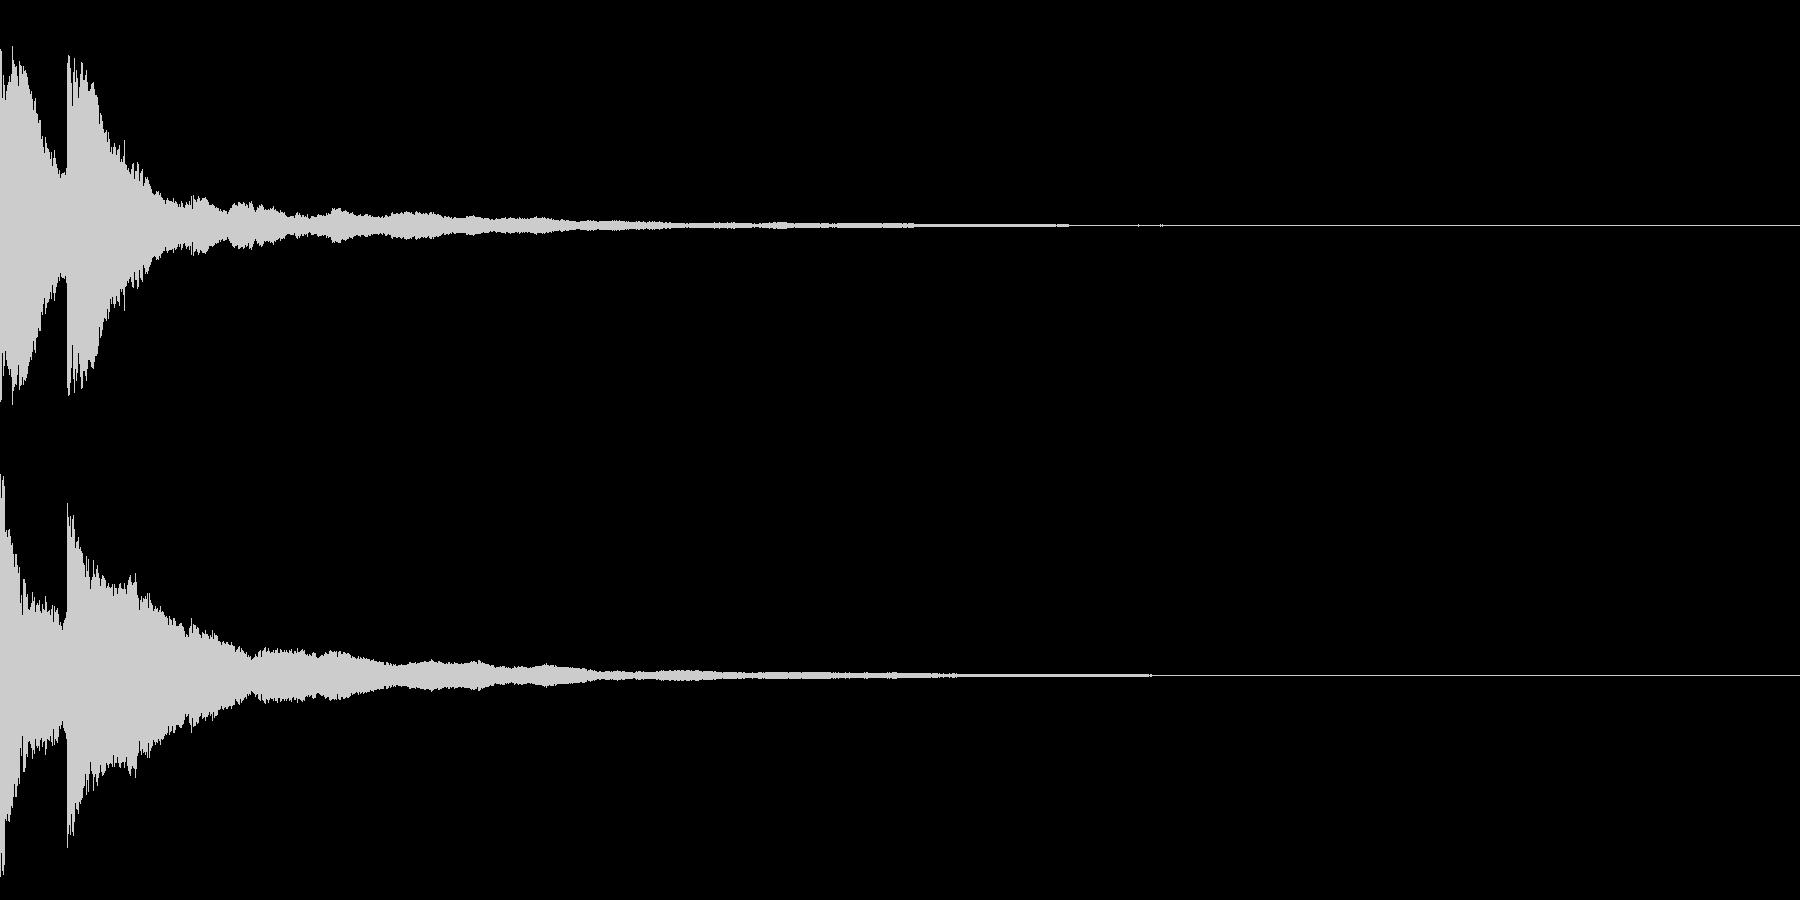 明るいテロップ音 ボタン音 決定音09bの未再生の波形